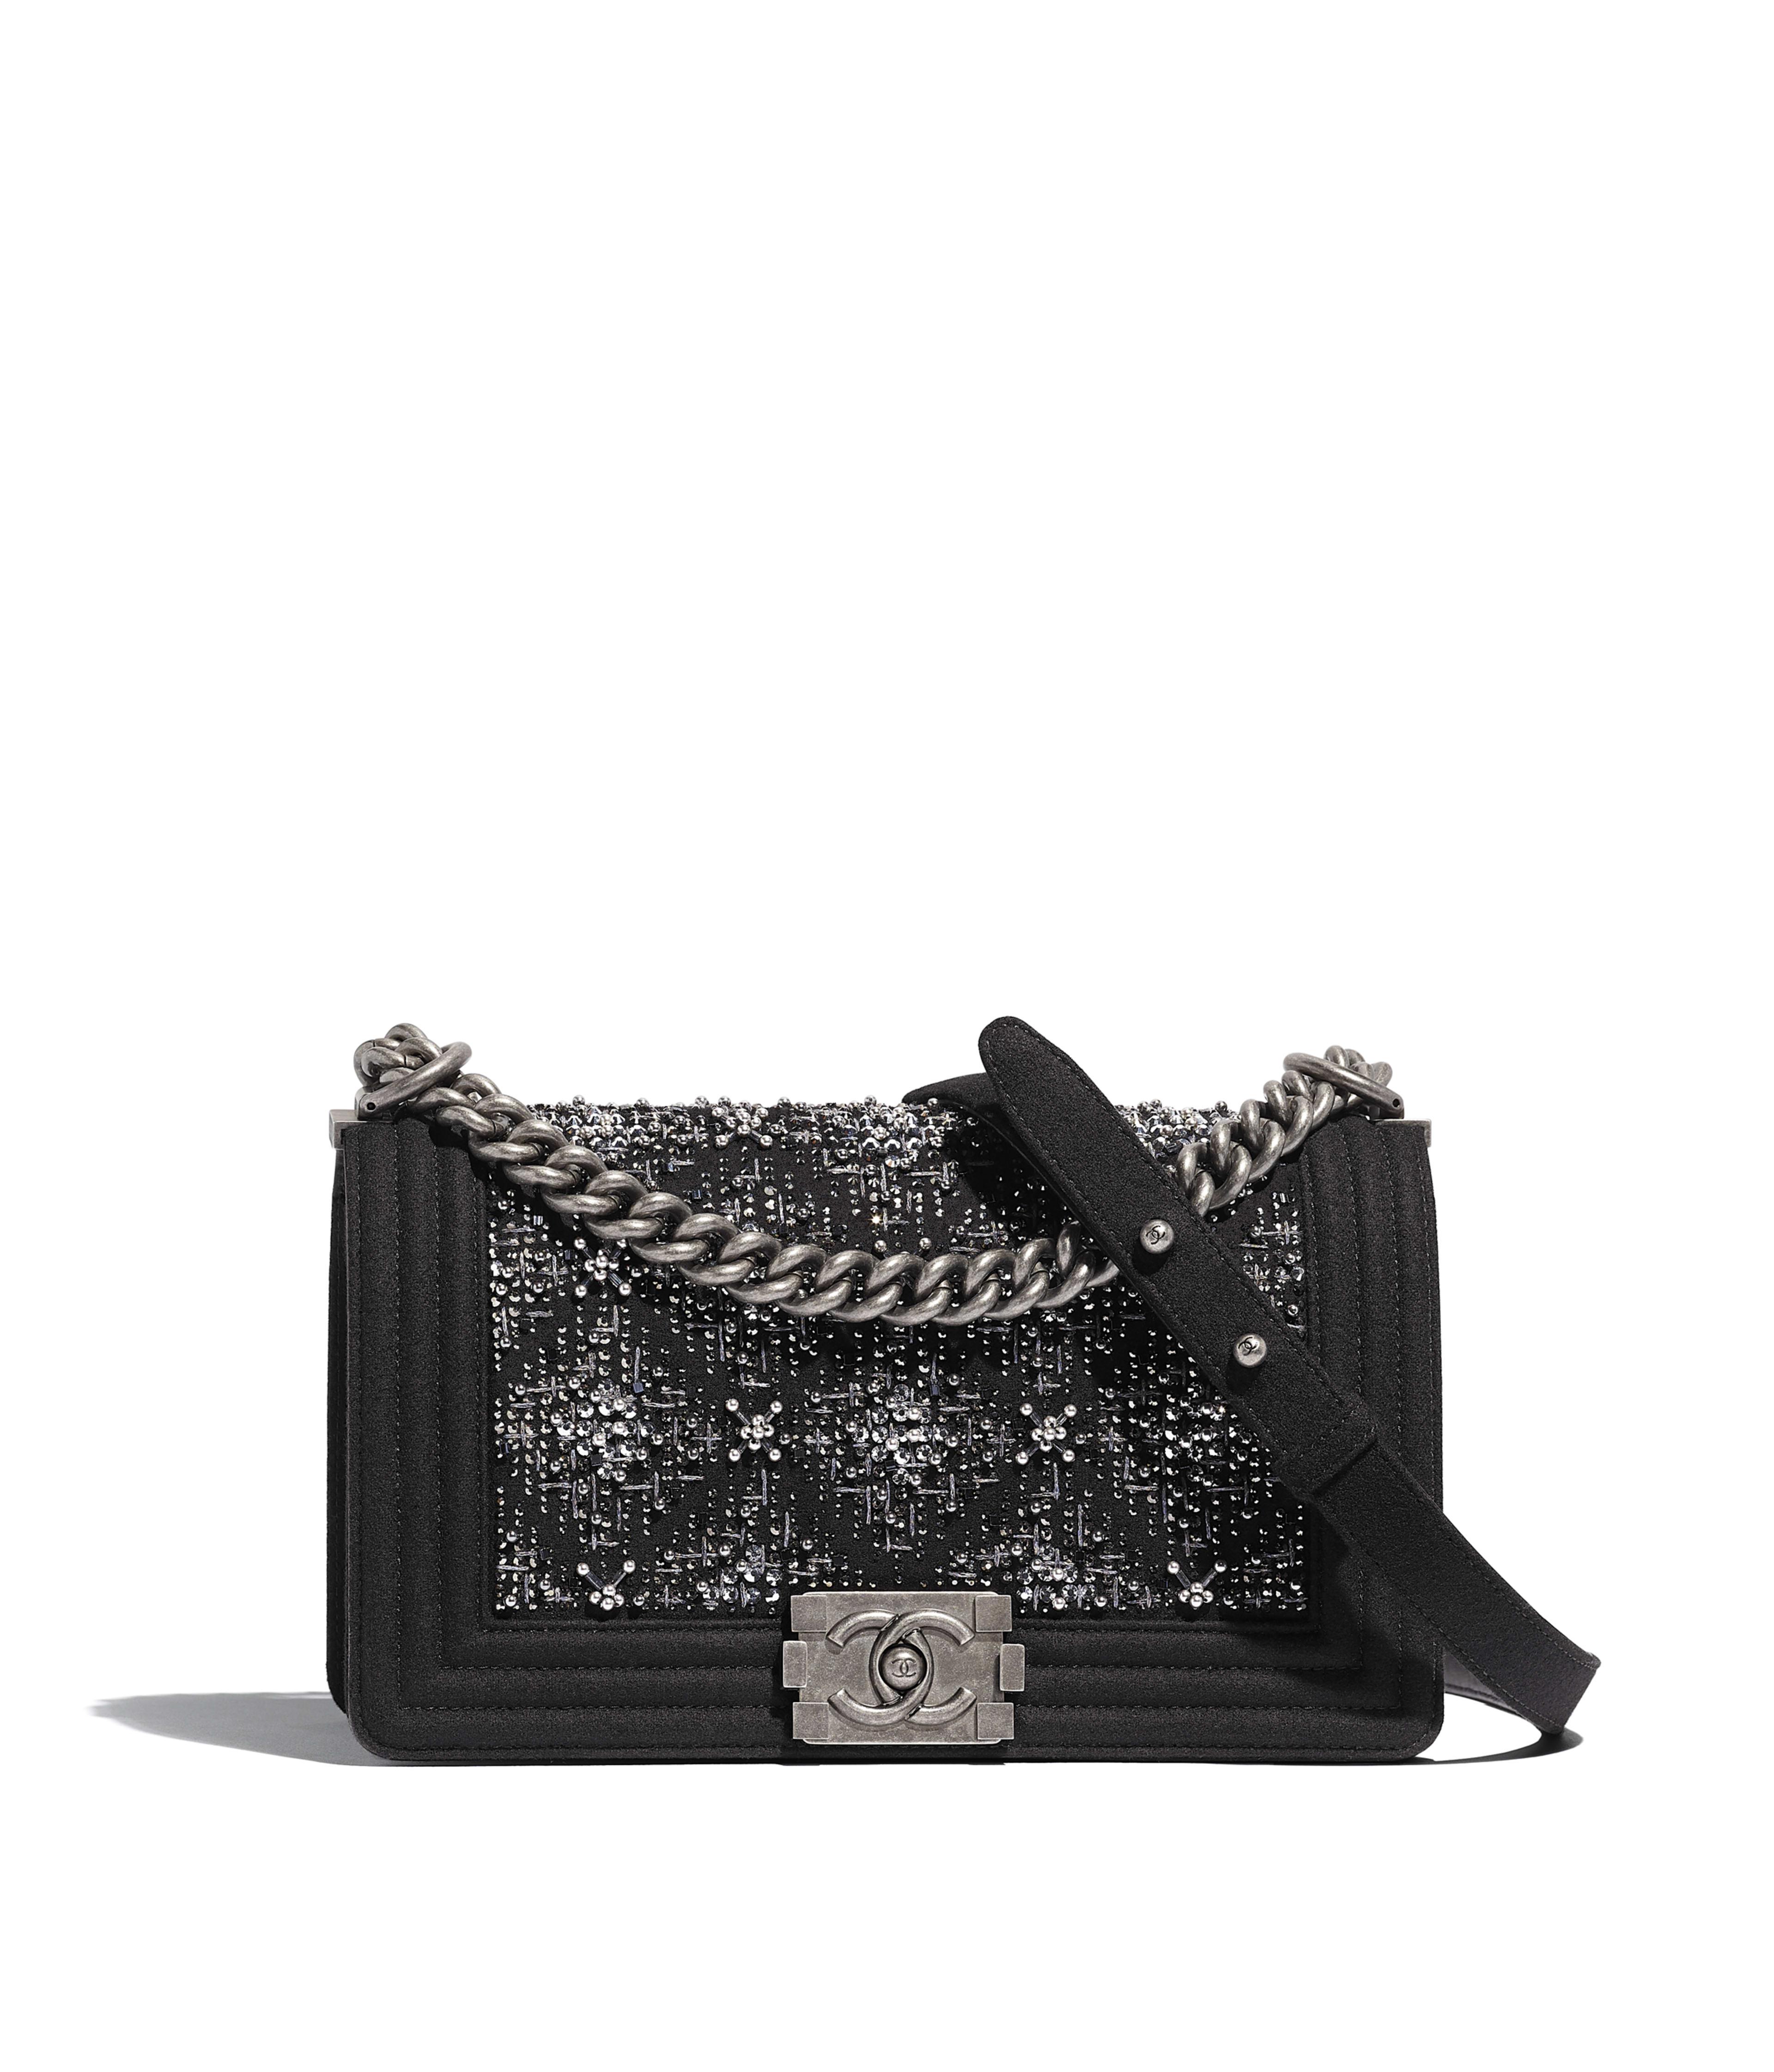 20138433dd Handbags - Fashion | CHANEL